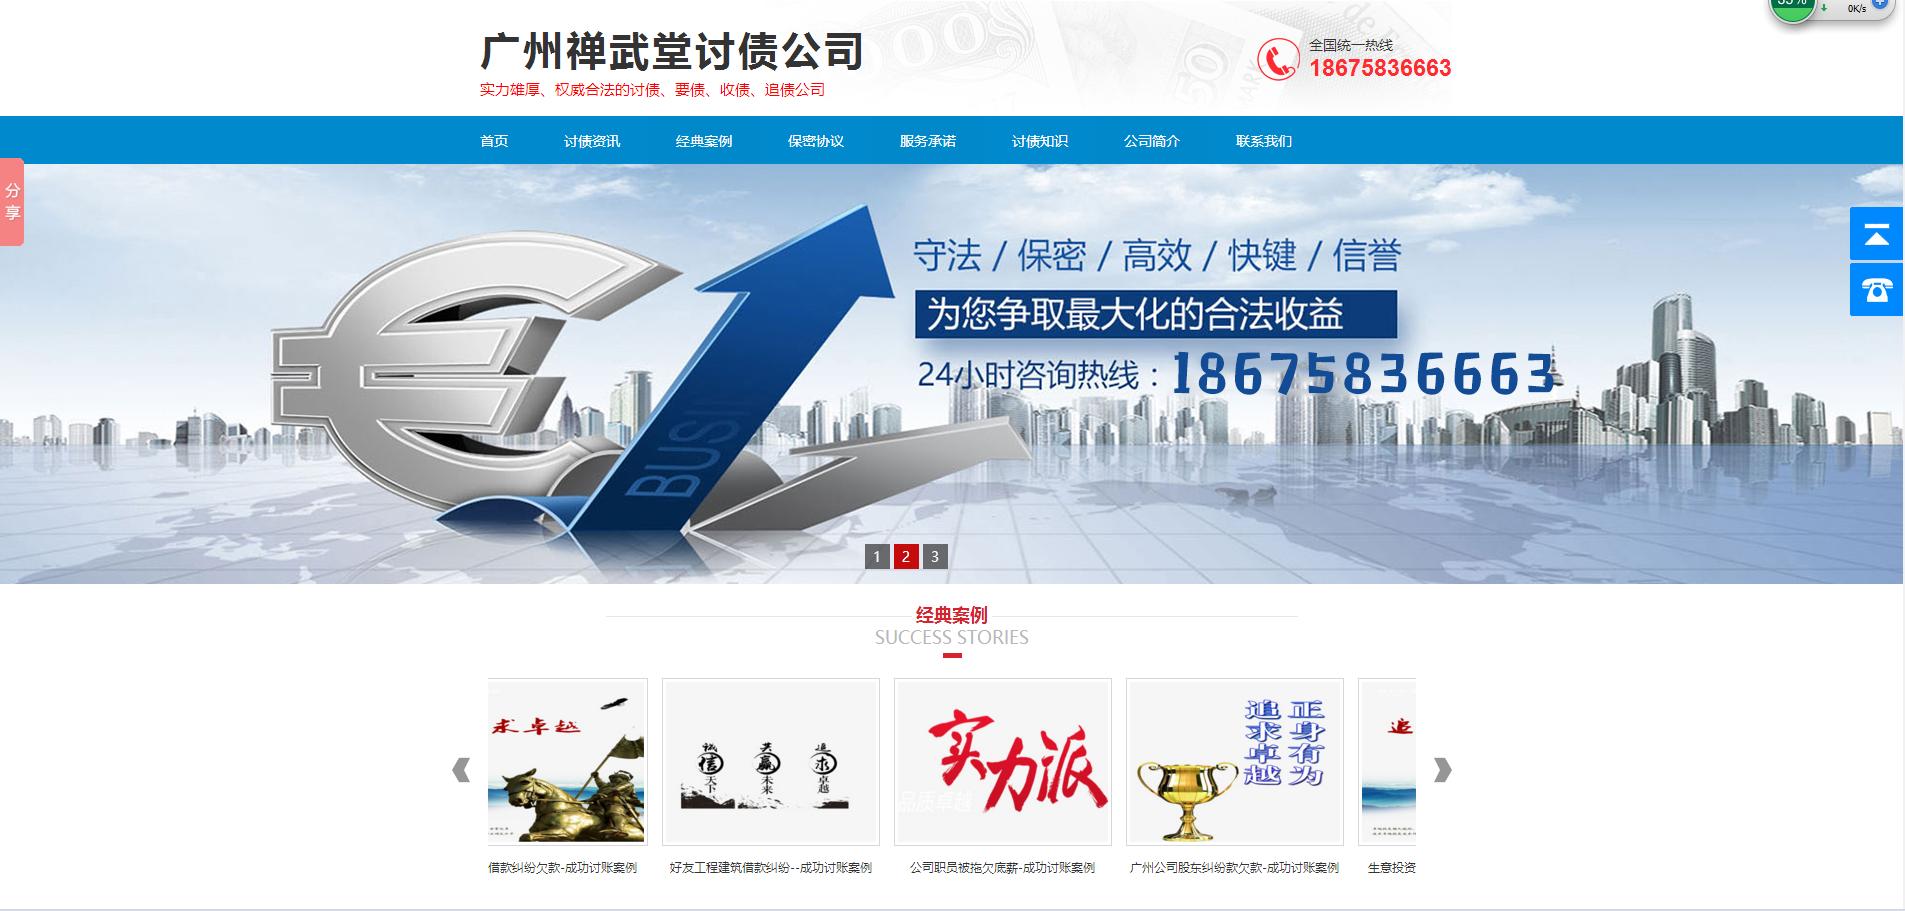 广州禅武堂讨债公司优化网站成功案例